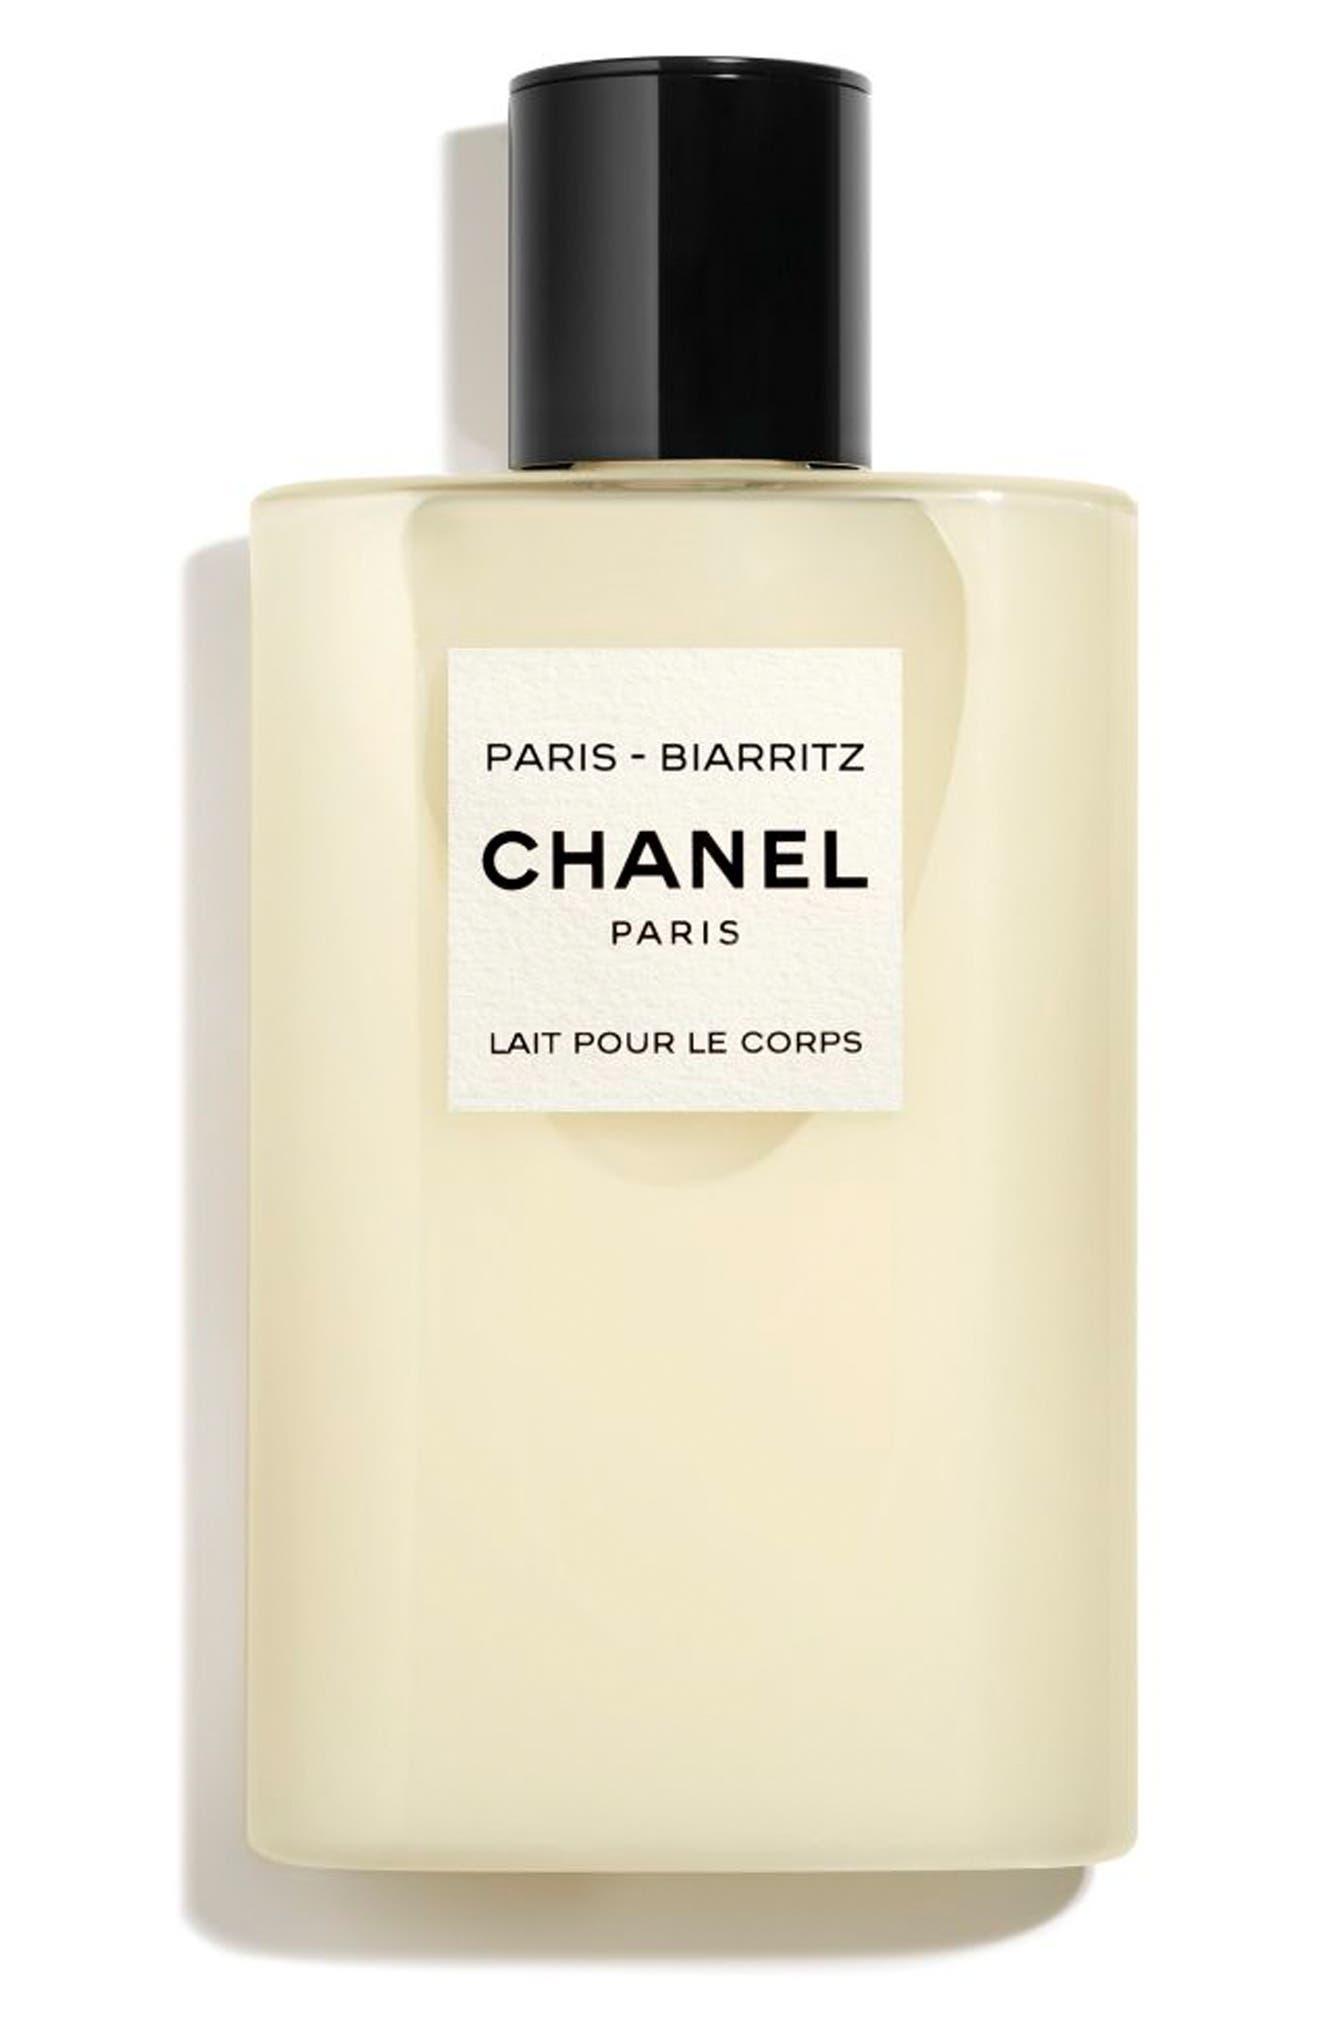 CHANEL LES EAUX DE CHANEL PARIS-BIARRITZ  Perfumed Body Lotion (Nordstrom Exclusive) | Nordstrom